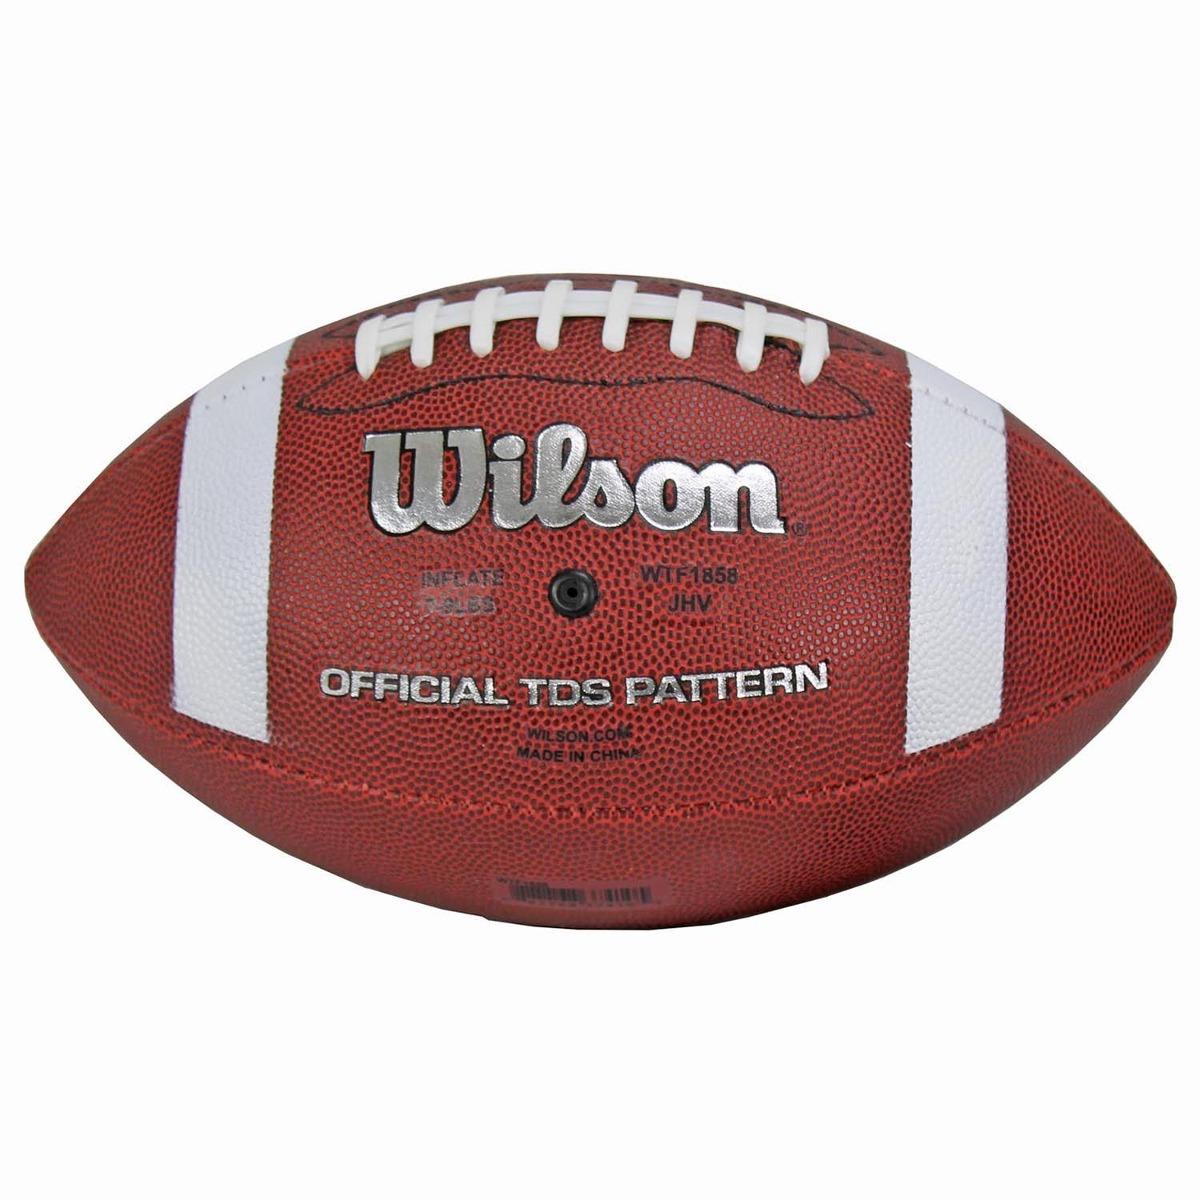 Cargando zoom... kit de 12 balones para fútbol americano tamaño oficial pvc 51c0c7c741008